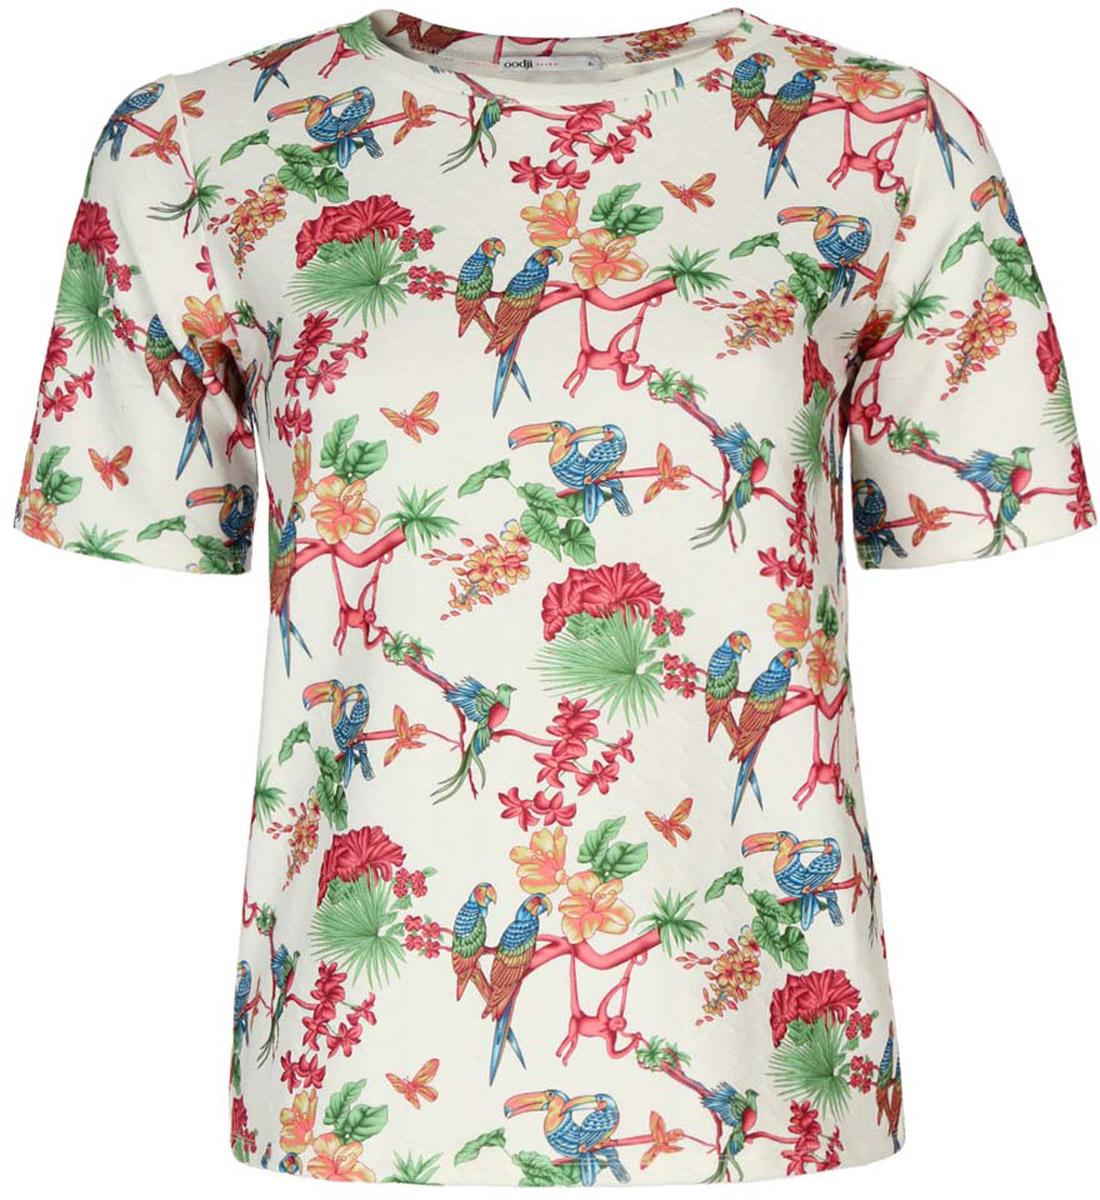 Блузка14701032/42588/1219FЖенская блуза oodji Ultra с короткими рукавами и круглым вырезом горловины выполнена из эластичного полиэстера. Блузка имеет свободный крой. Модель оформлена красочным принтом с изображением попугаев и тропических цветов.